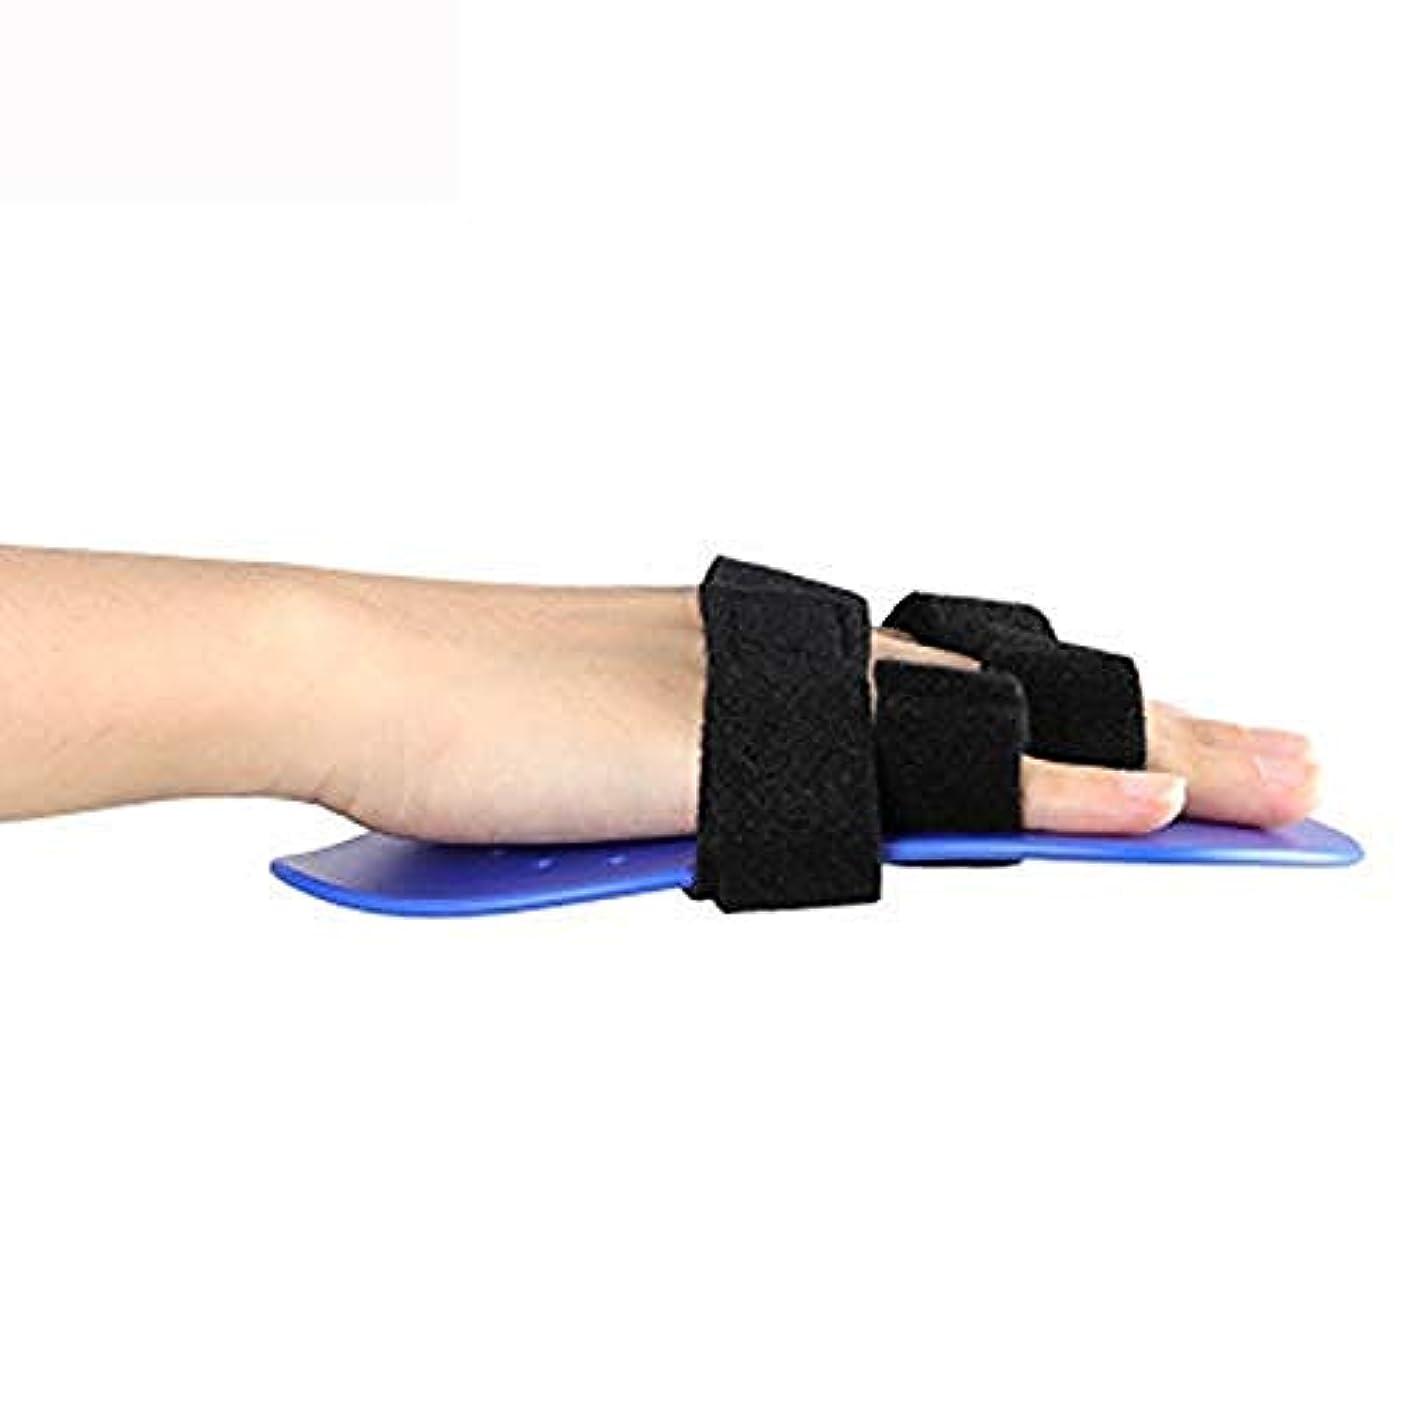 茎添付ブルーベルトリガー指副木、手首支持装置指セパレーター装具手根管関節痛緩和装具,Left Hand-S